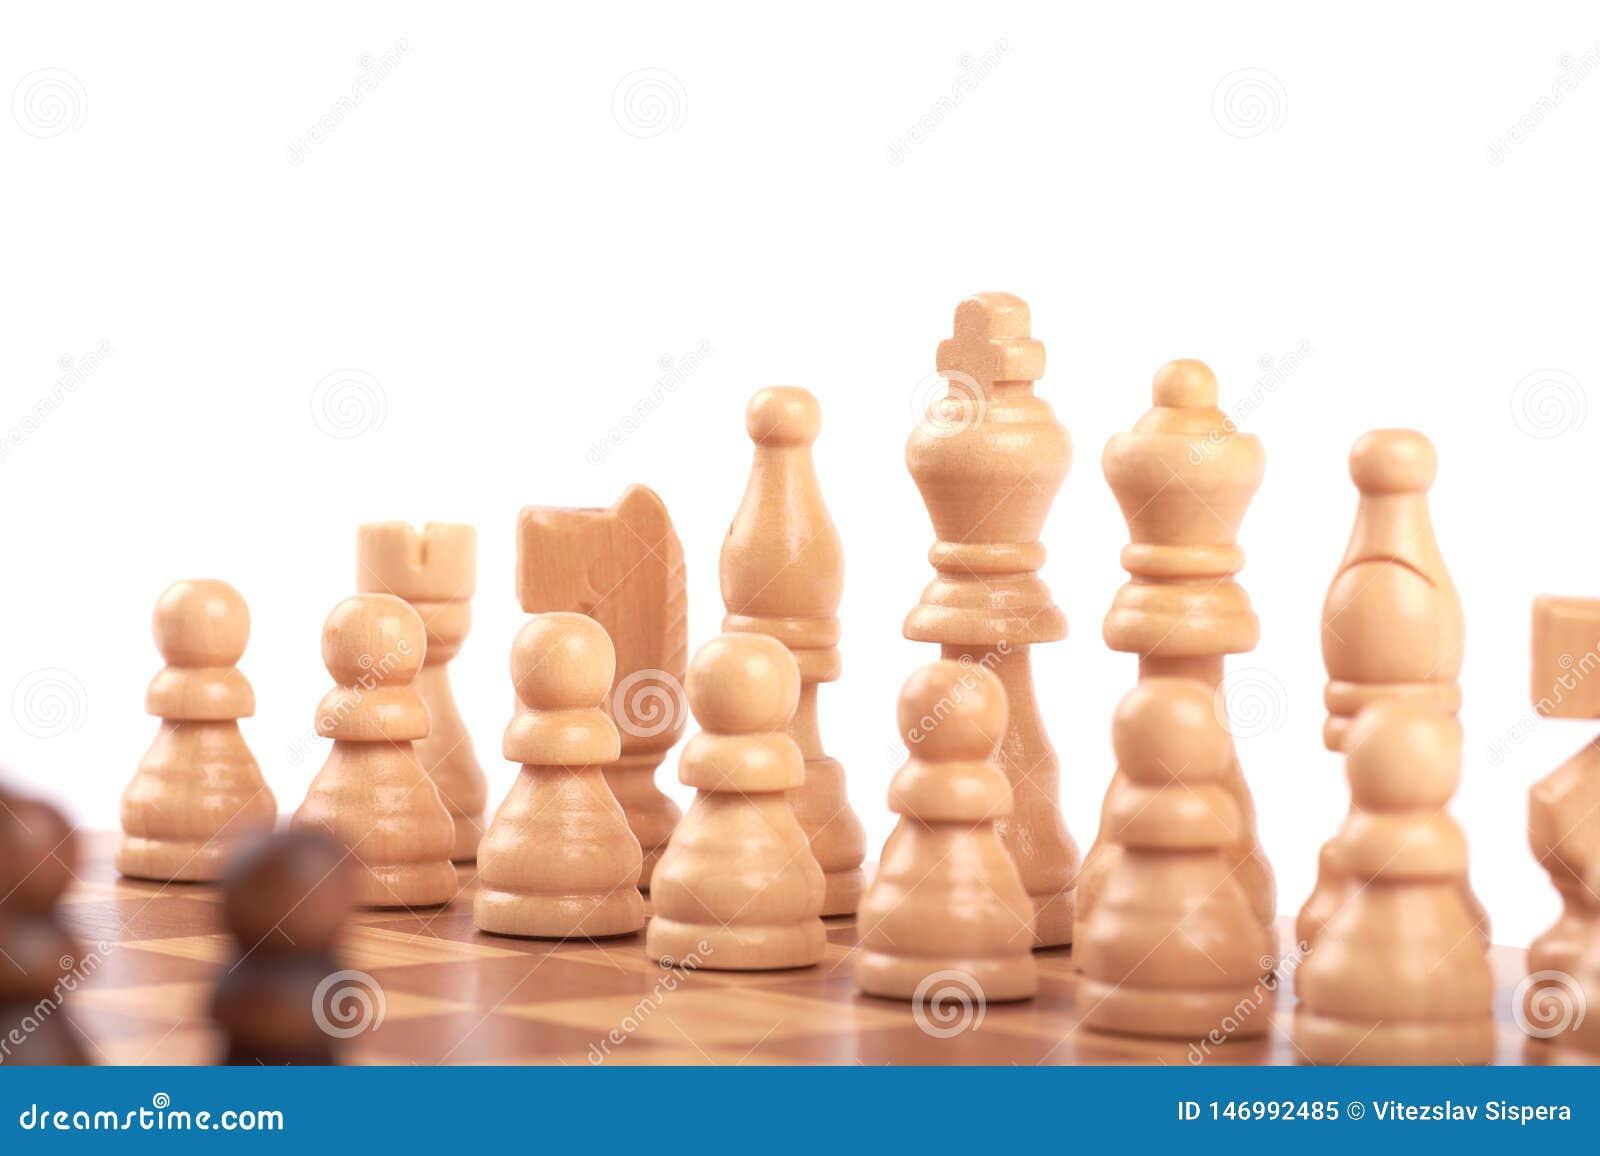 Σύνολο άσπρων και μαύρων ξύλινων κομματιών σκακιού που στέκονται σε μια σκακιέρα, που απομονώνεται στο άσπρο υπόβαθρο